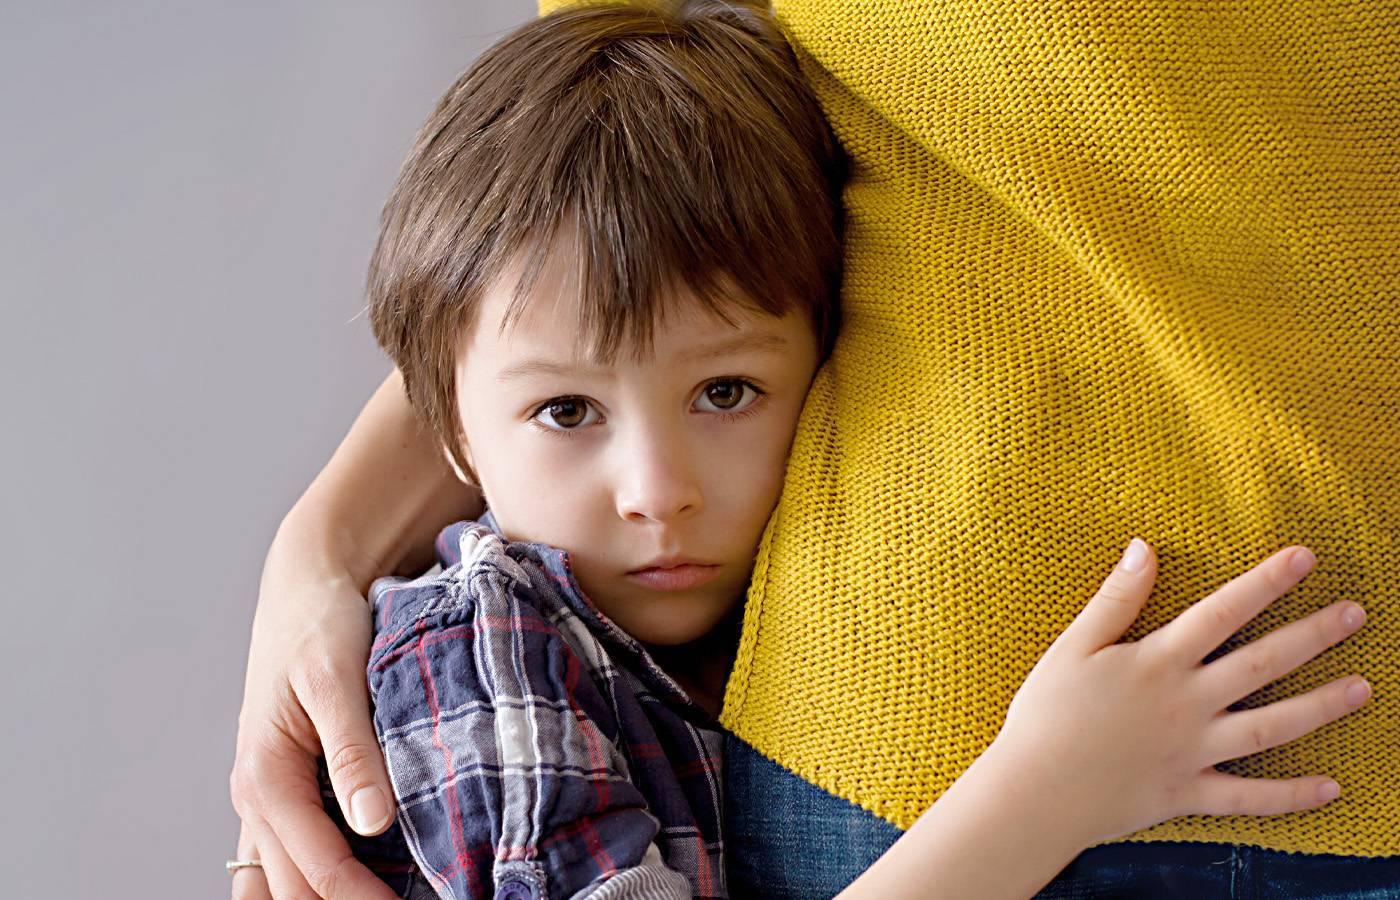 Замкнутый ребенок: советы психолога, стеснительный и необщительный ребенок, не разговаривает в садике, занятия и игры